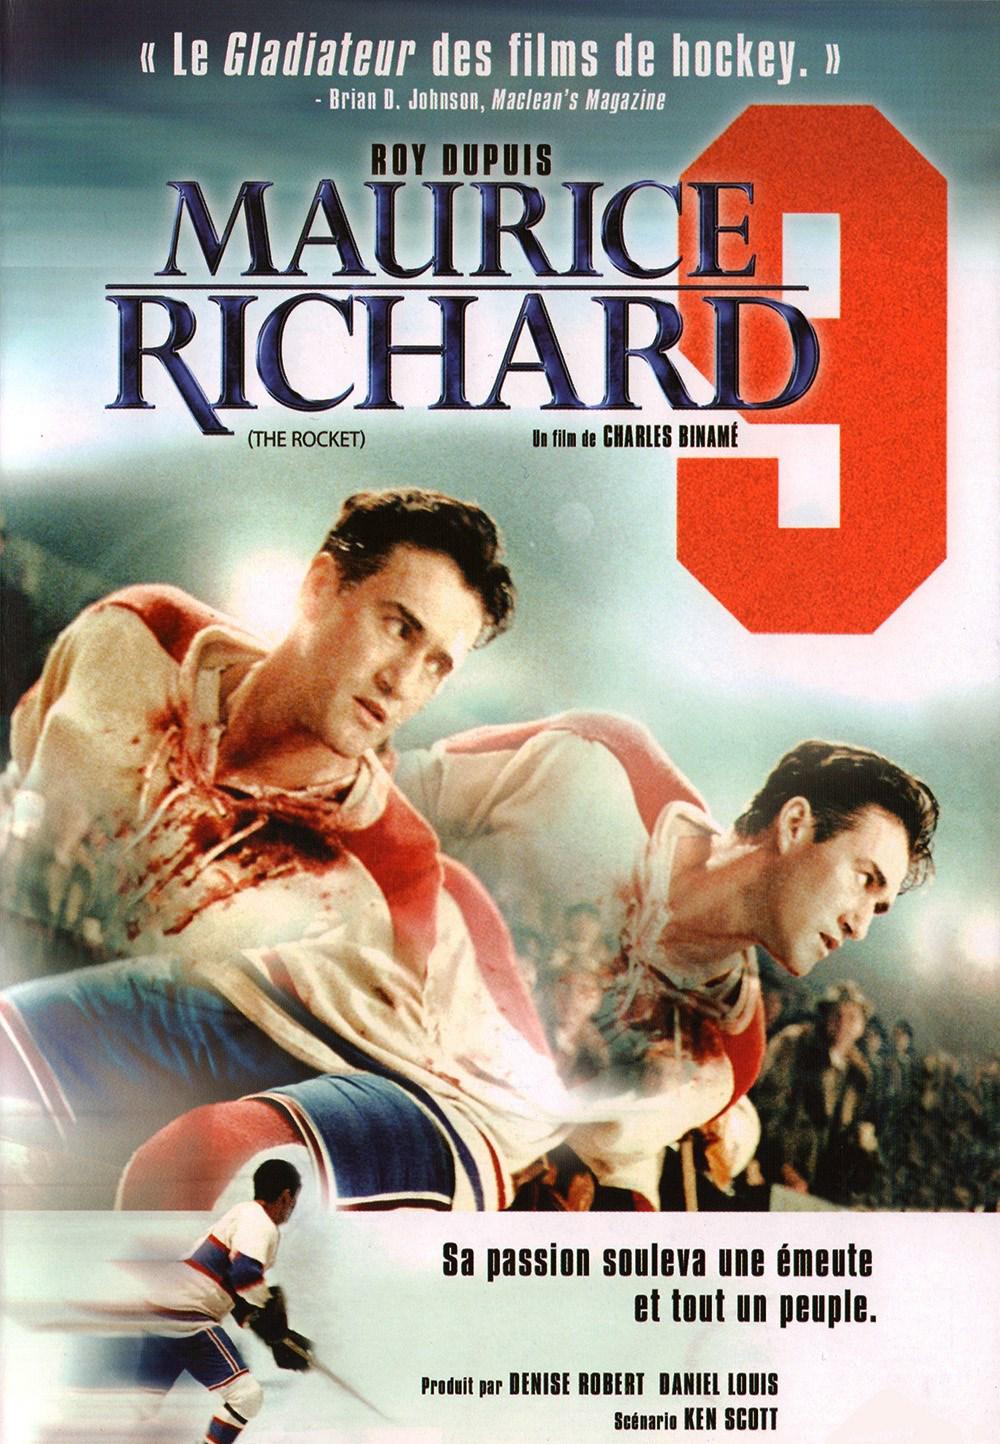 mauricerichard.png